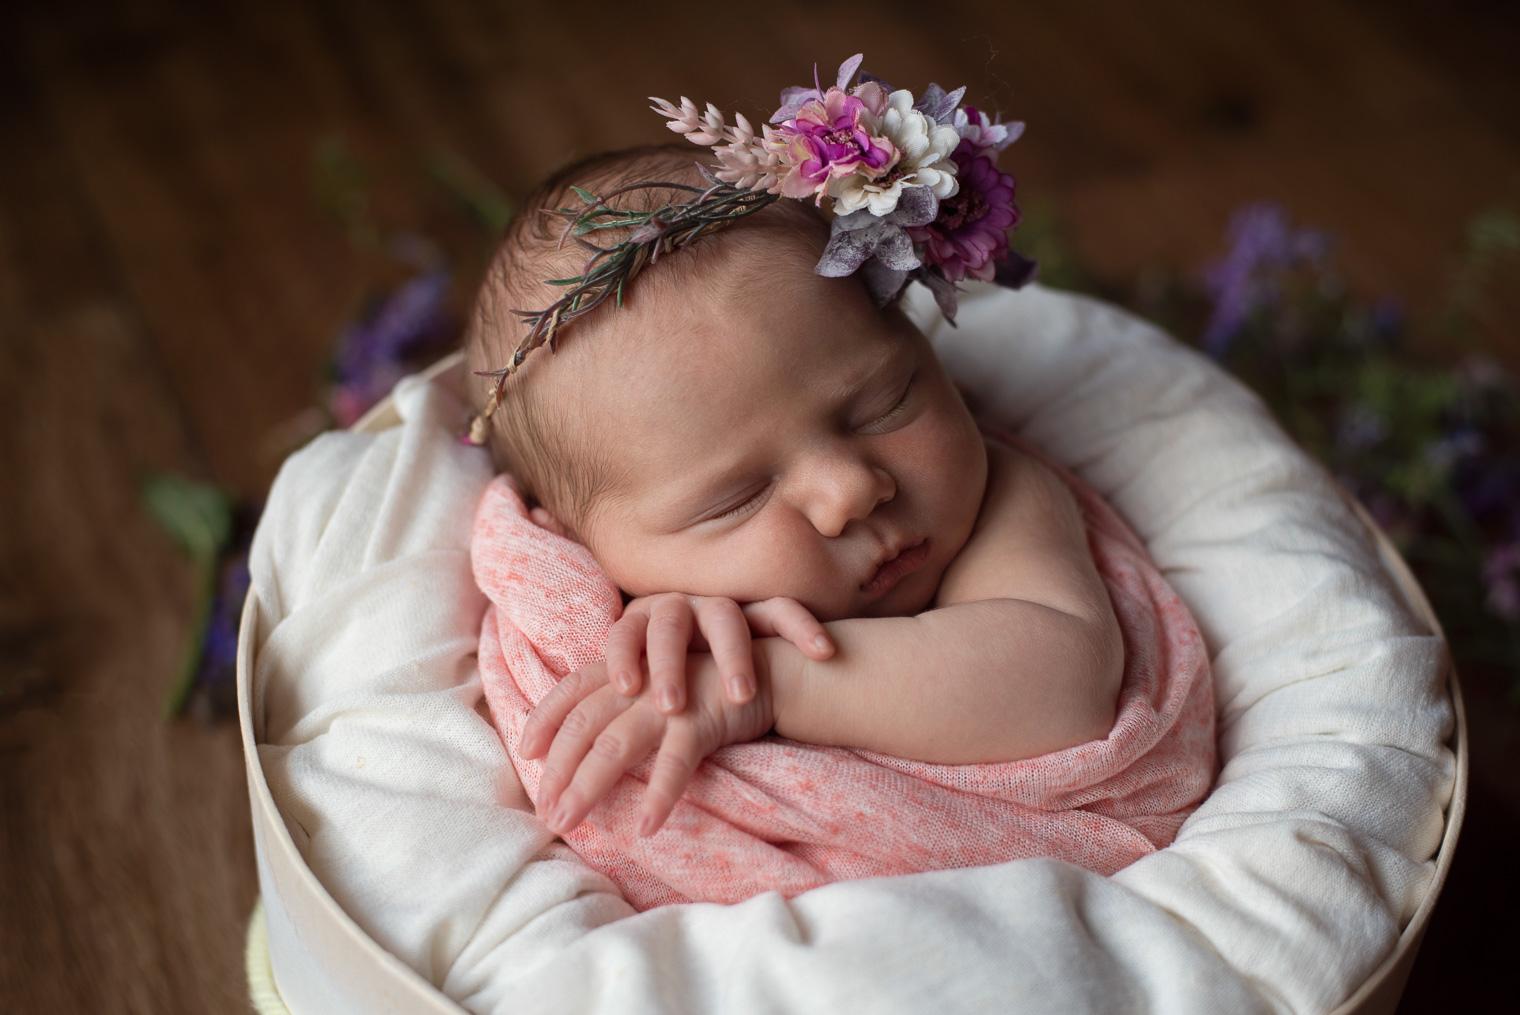 belinda lopez photo nouveau-ne photographie famille grossesse bebe enfant maternite photographe bourg-saint-maurice savoie belindalopez.fr-10